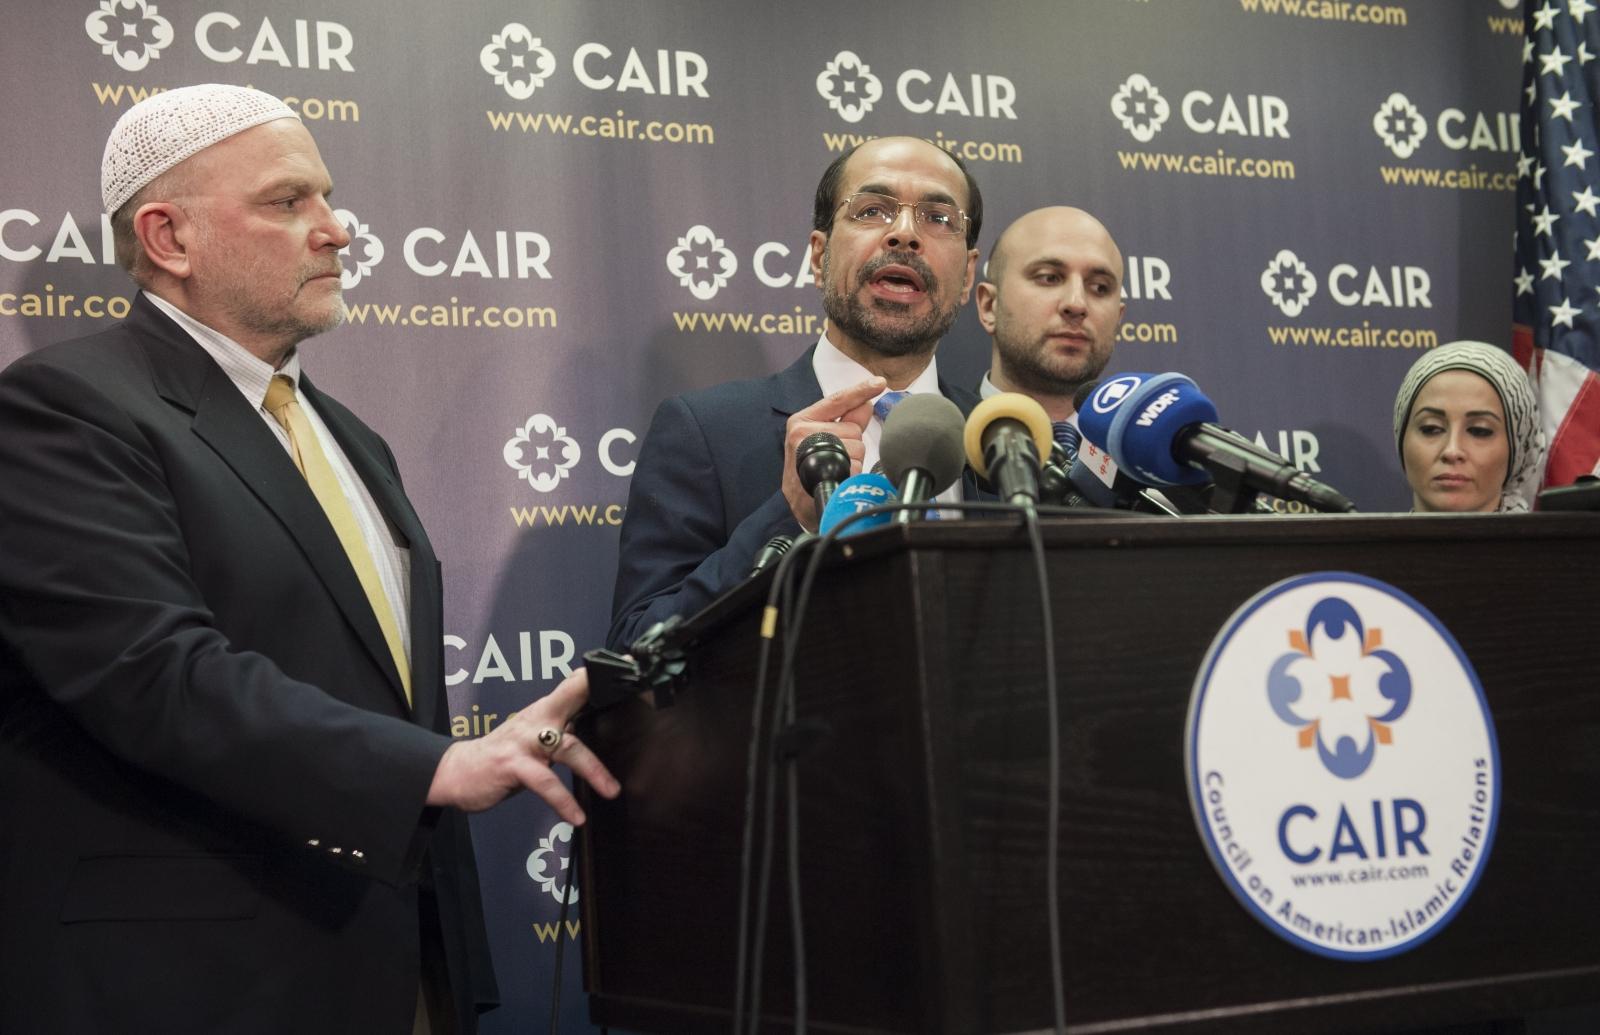 CAIR directors announce lawsuit